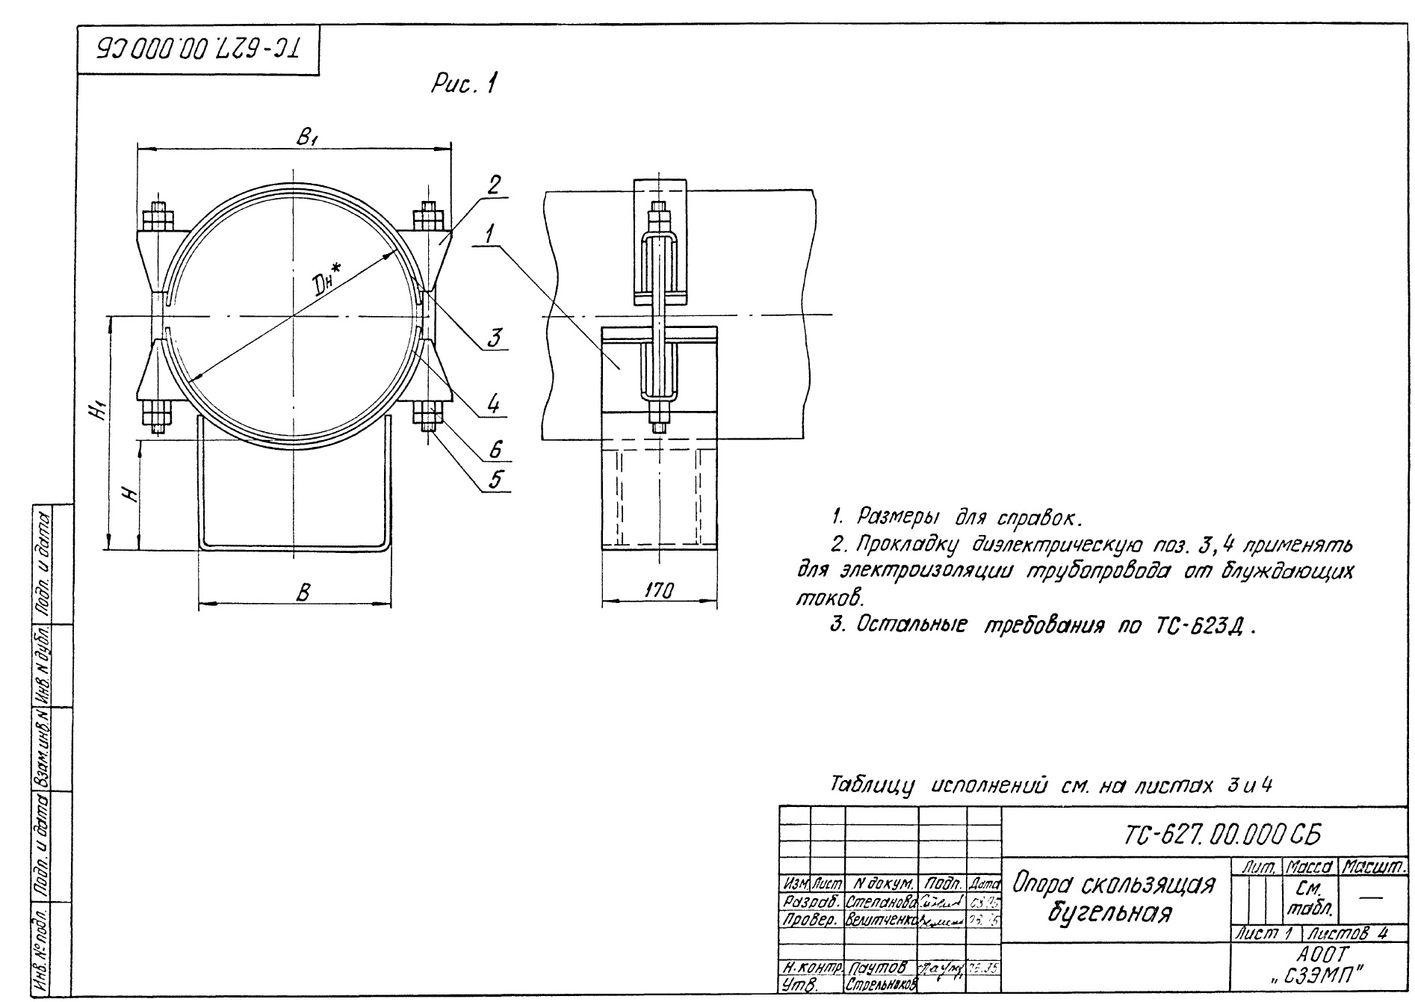 Опора скользящая бугельная ТС-627.00.000 серия 5.903-13 выпуск 8-95 стр.1